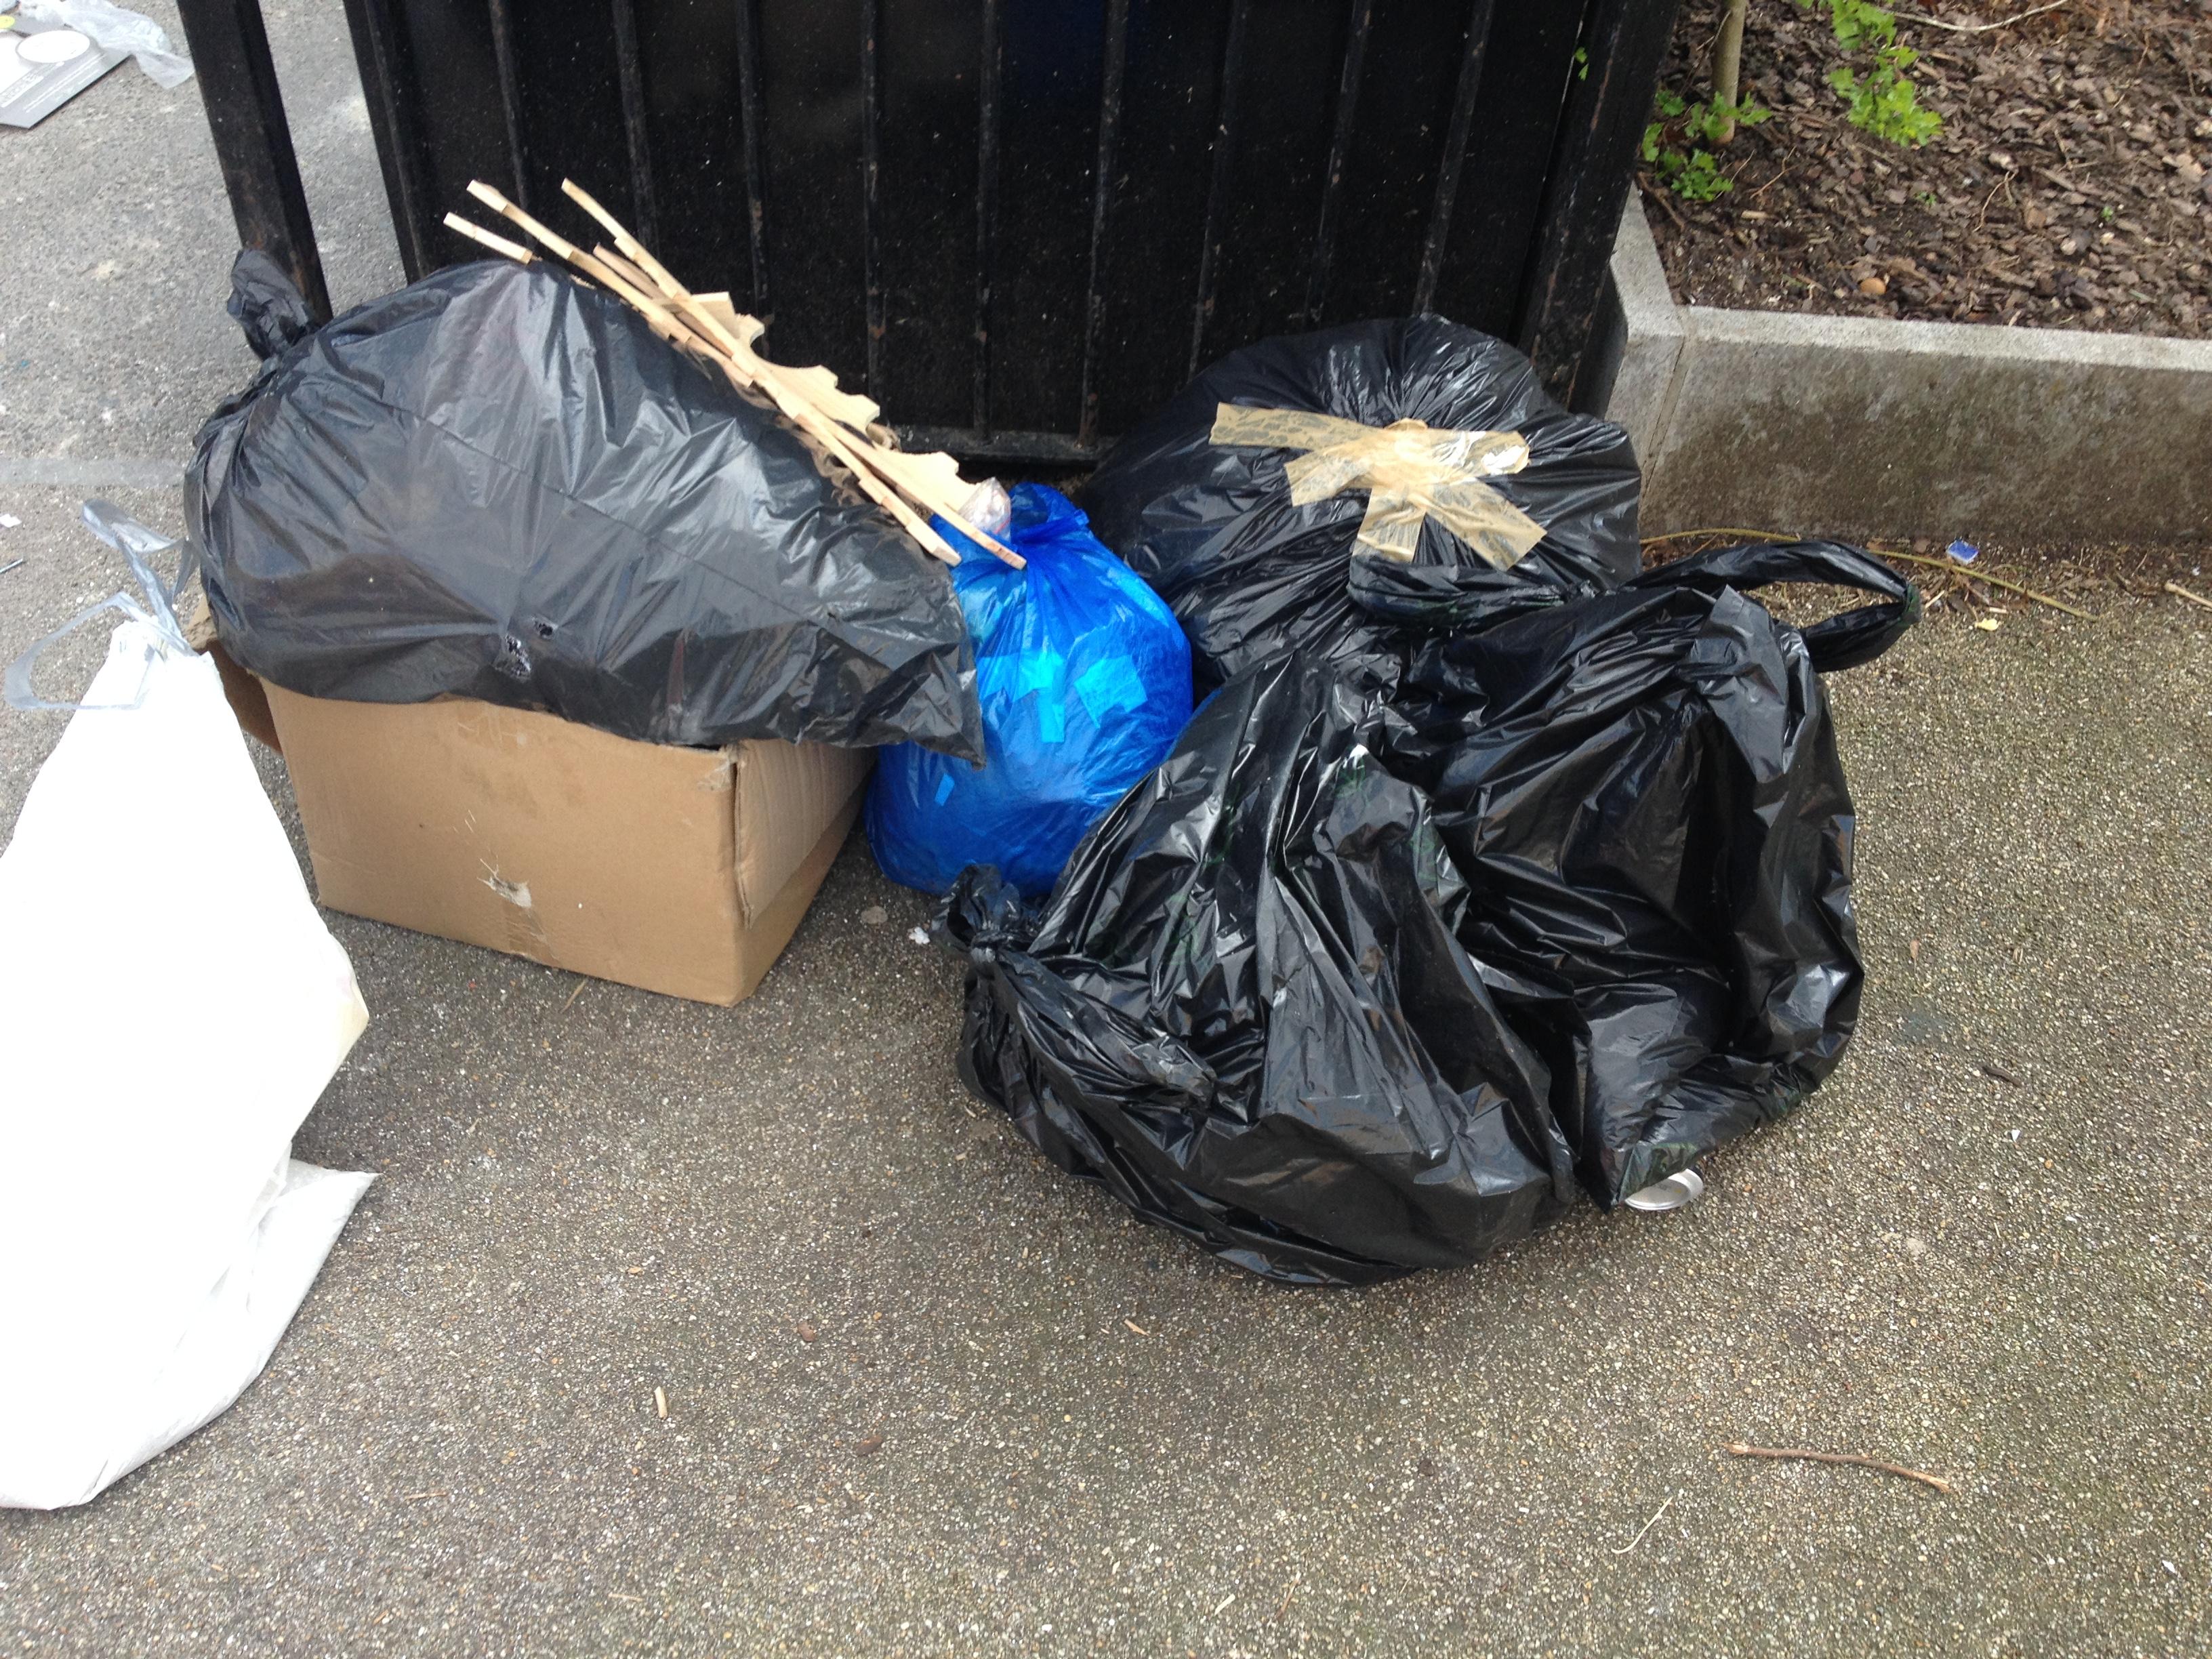 Bin bags overflowing from a bin.